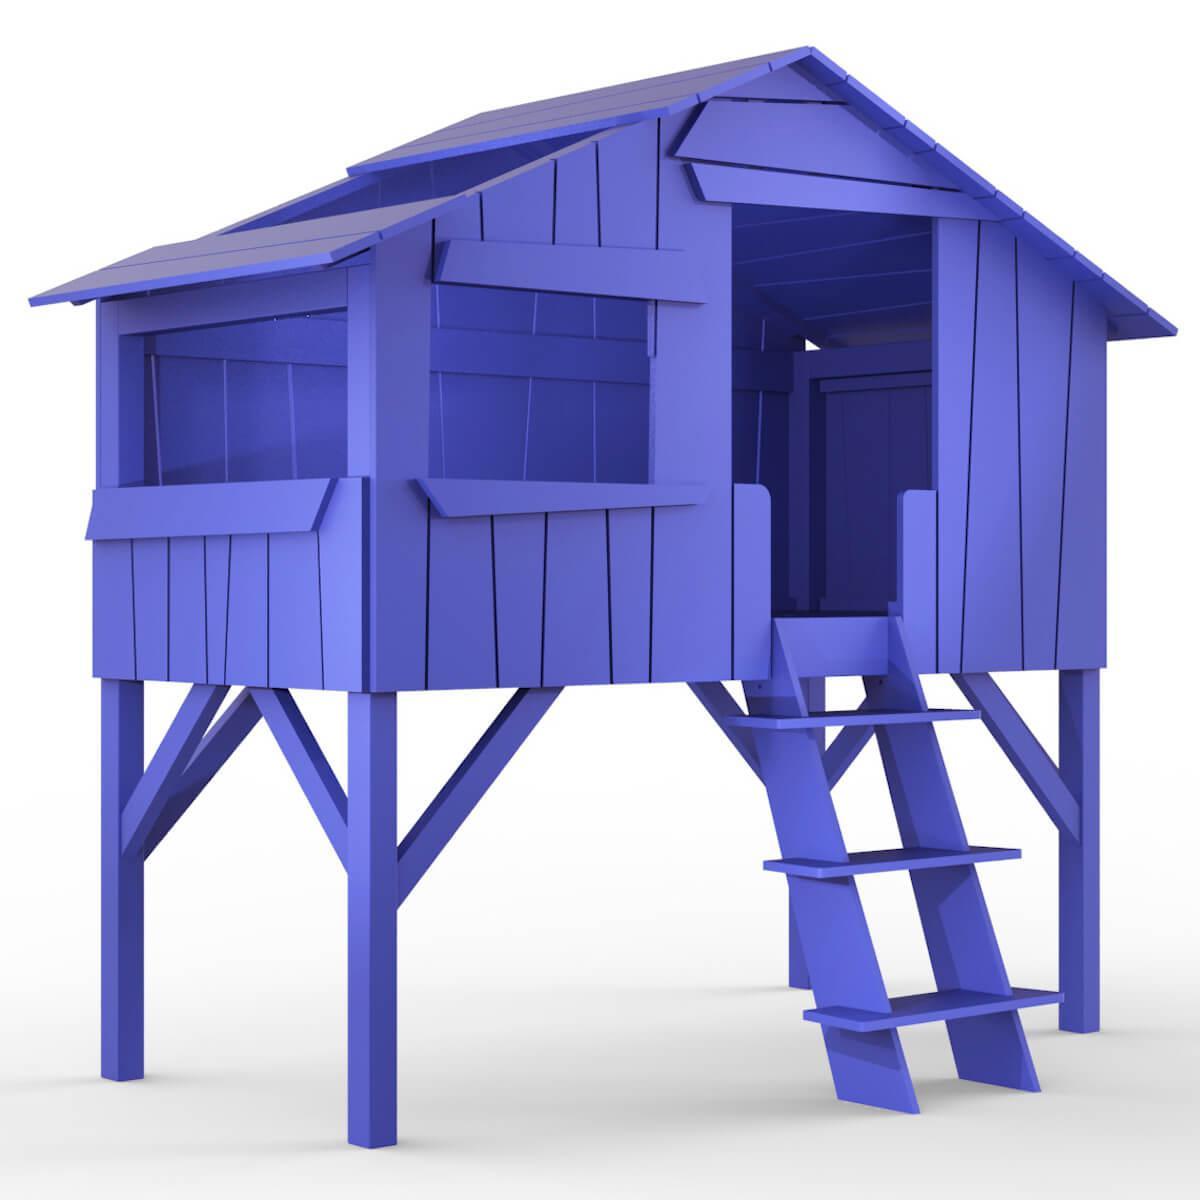 Lit mi hauteur 90x190cm CABANE Mathy by Bols bleu marseille